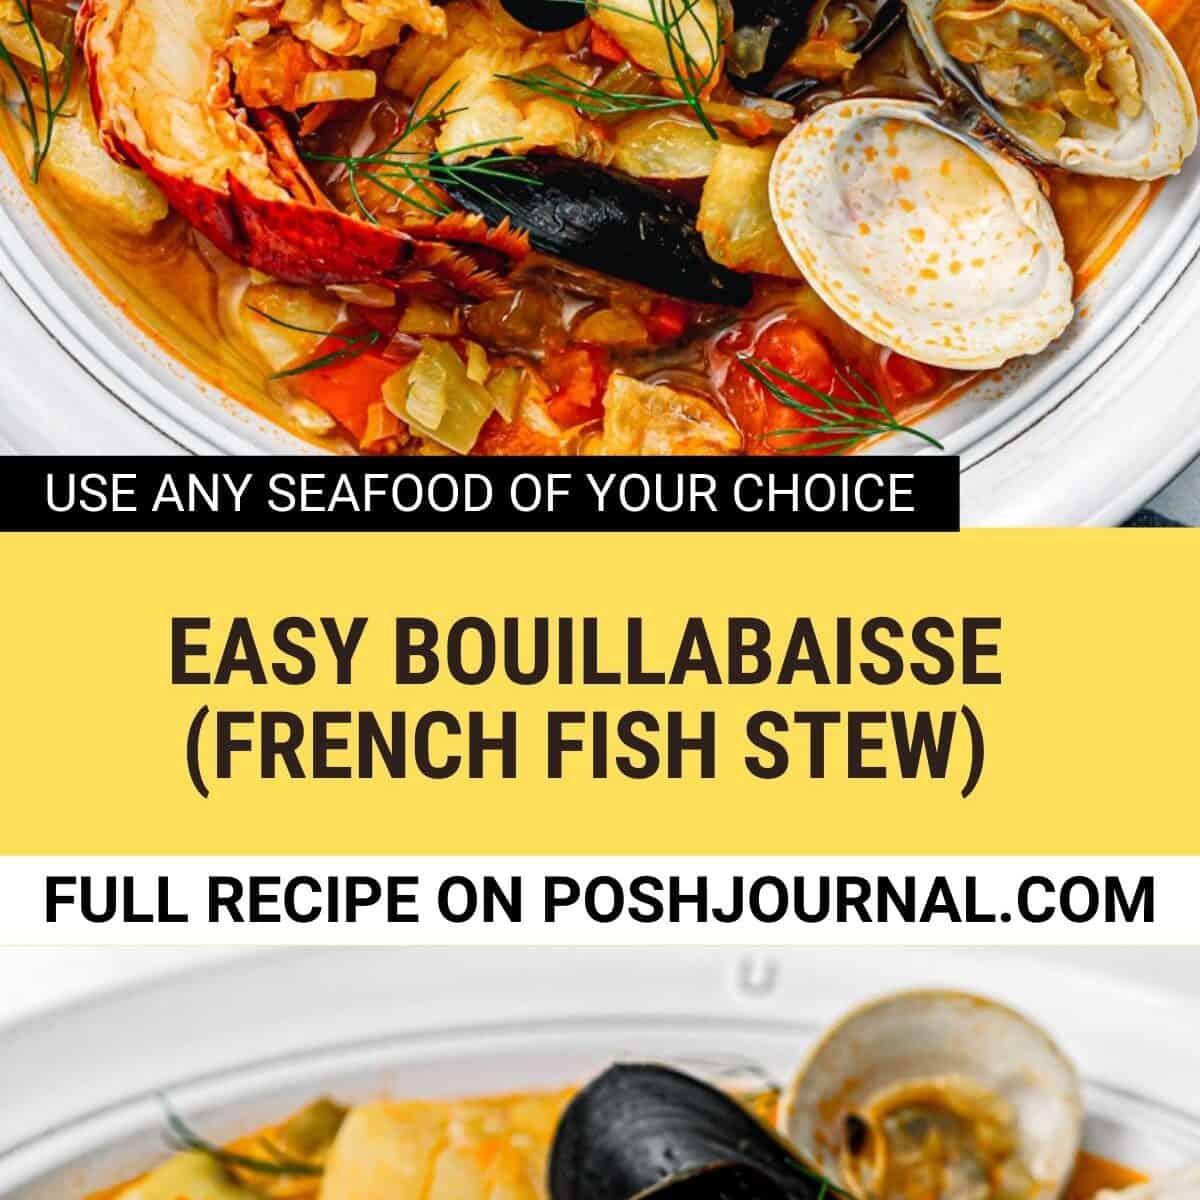 easy bouillabaisse recipe.